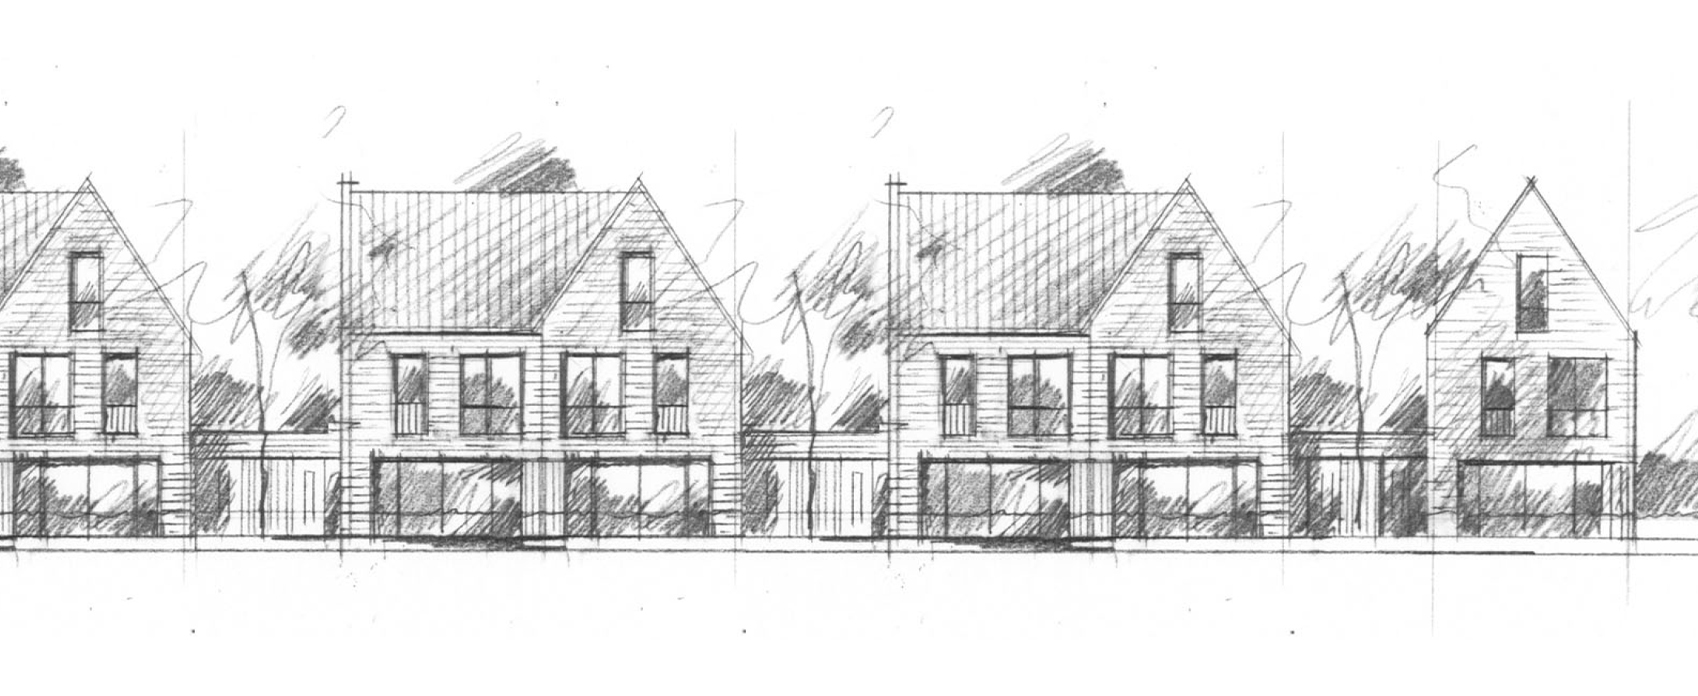 Geschakelde woningen - De woningen bestaan uit 2 verdiepingen en een zolder en hebben een oppervlakte van ca. 135 m2 GBO.De geschakelde woningen zijn tweekappers, maar dan zonder de garage aan de zijkant. Wel met een gelegenheid tot parkeren achter op eigen erf. De hoekwoning is een vrijstaand geschakelde woning. De Woningen zijn met hun entrees geschakeld aan het aangrenzende 2^1 kap blok